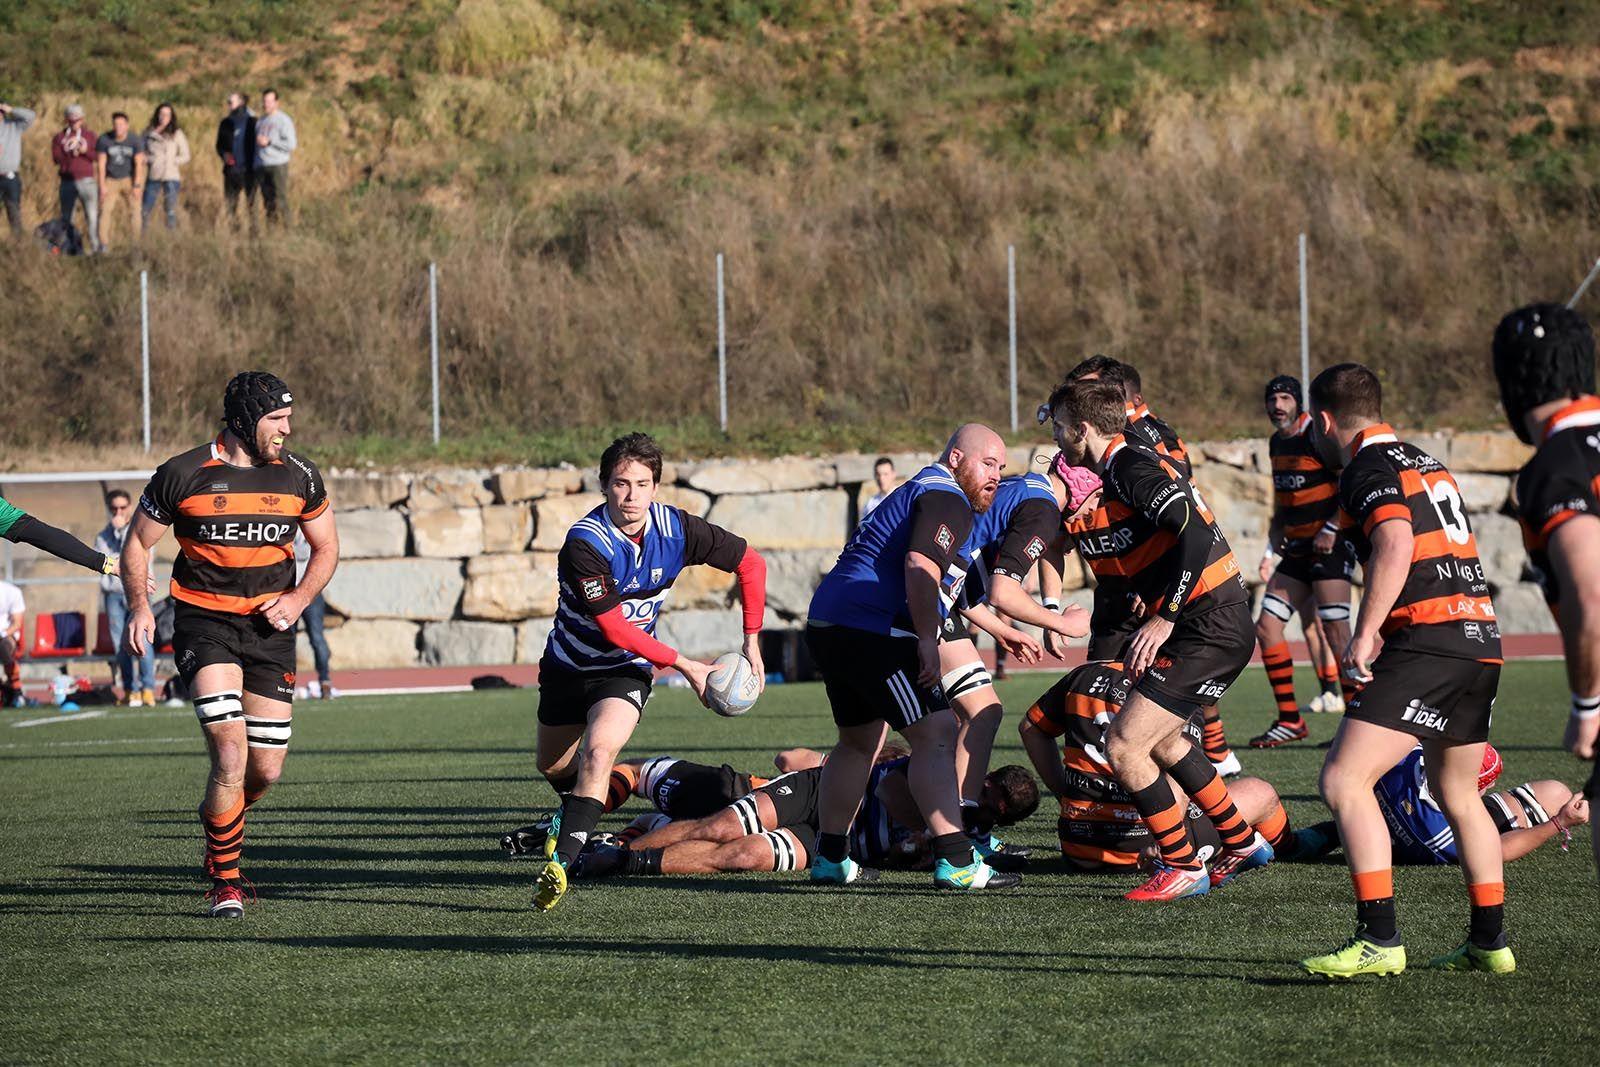 Lliga de rugbi: CR Sant Cugat-CP Les Abelles. Foto: Lali Álvarez